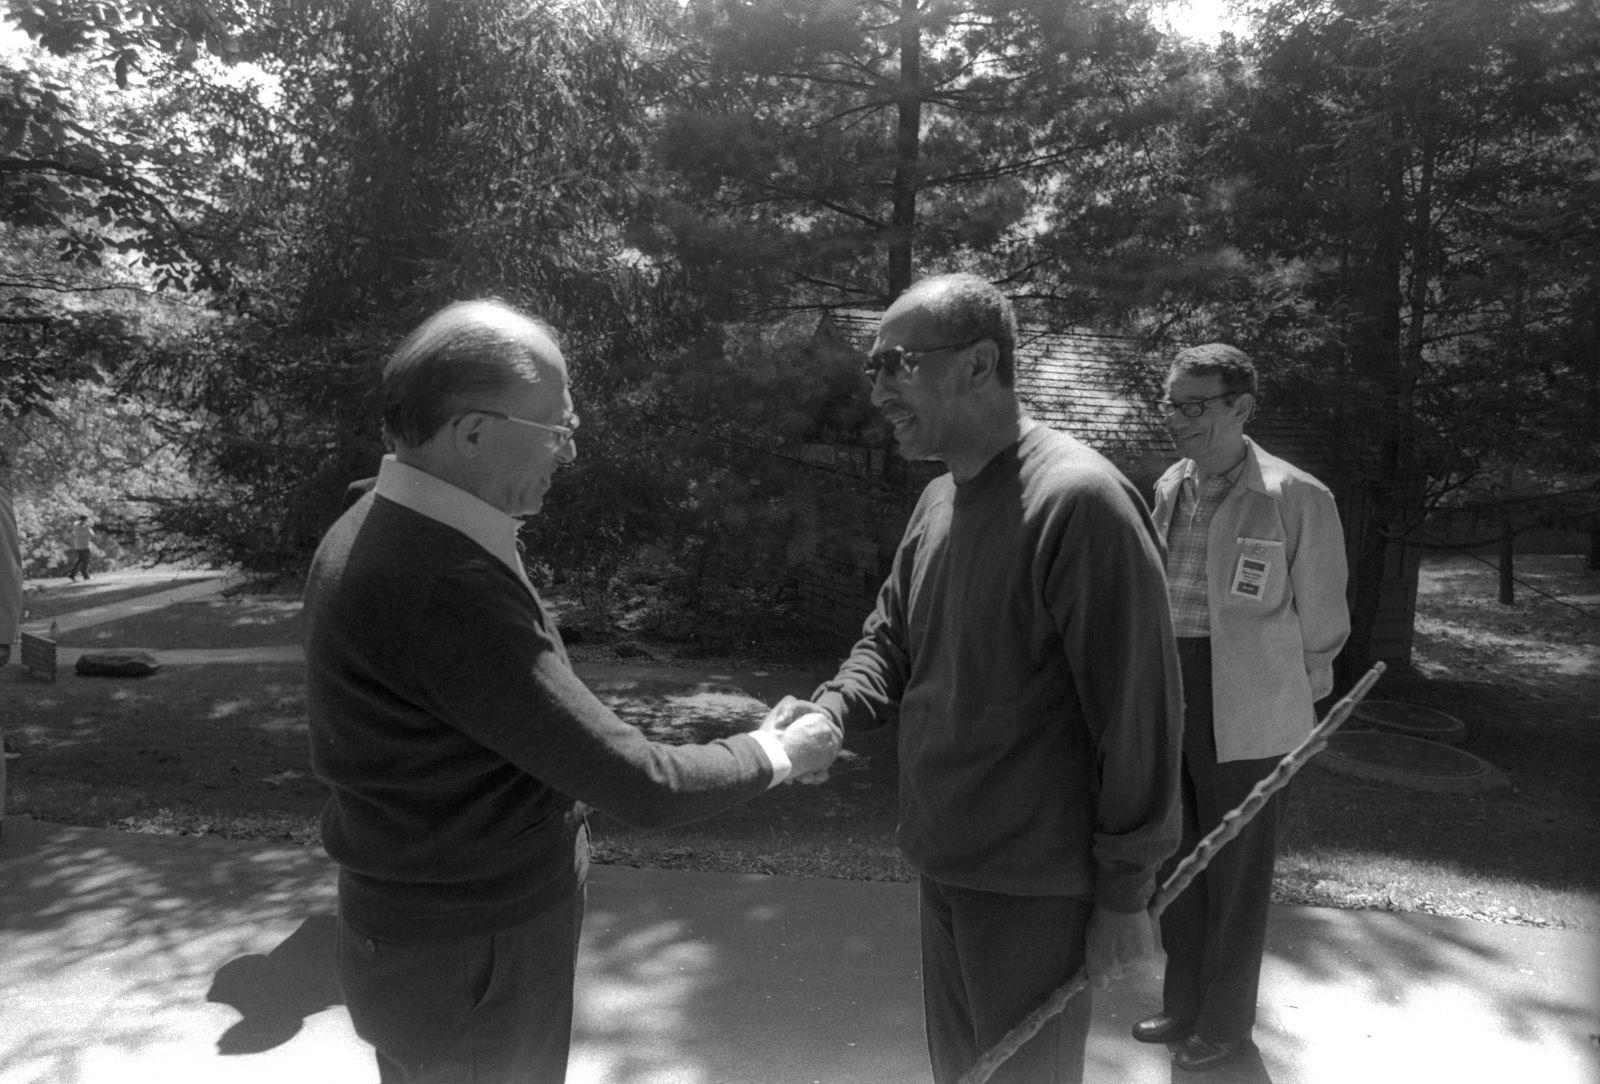 """בגין וסאדאת בתצלום שהסעיר את רוחו של נשיא ארצות-הברית ג'ימי קרטר. קמפ-דייוויד, 6.9.78 (צילום: משה מילנר, לע""""מ)"""